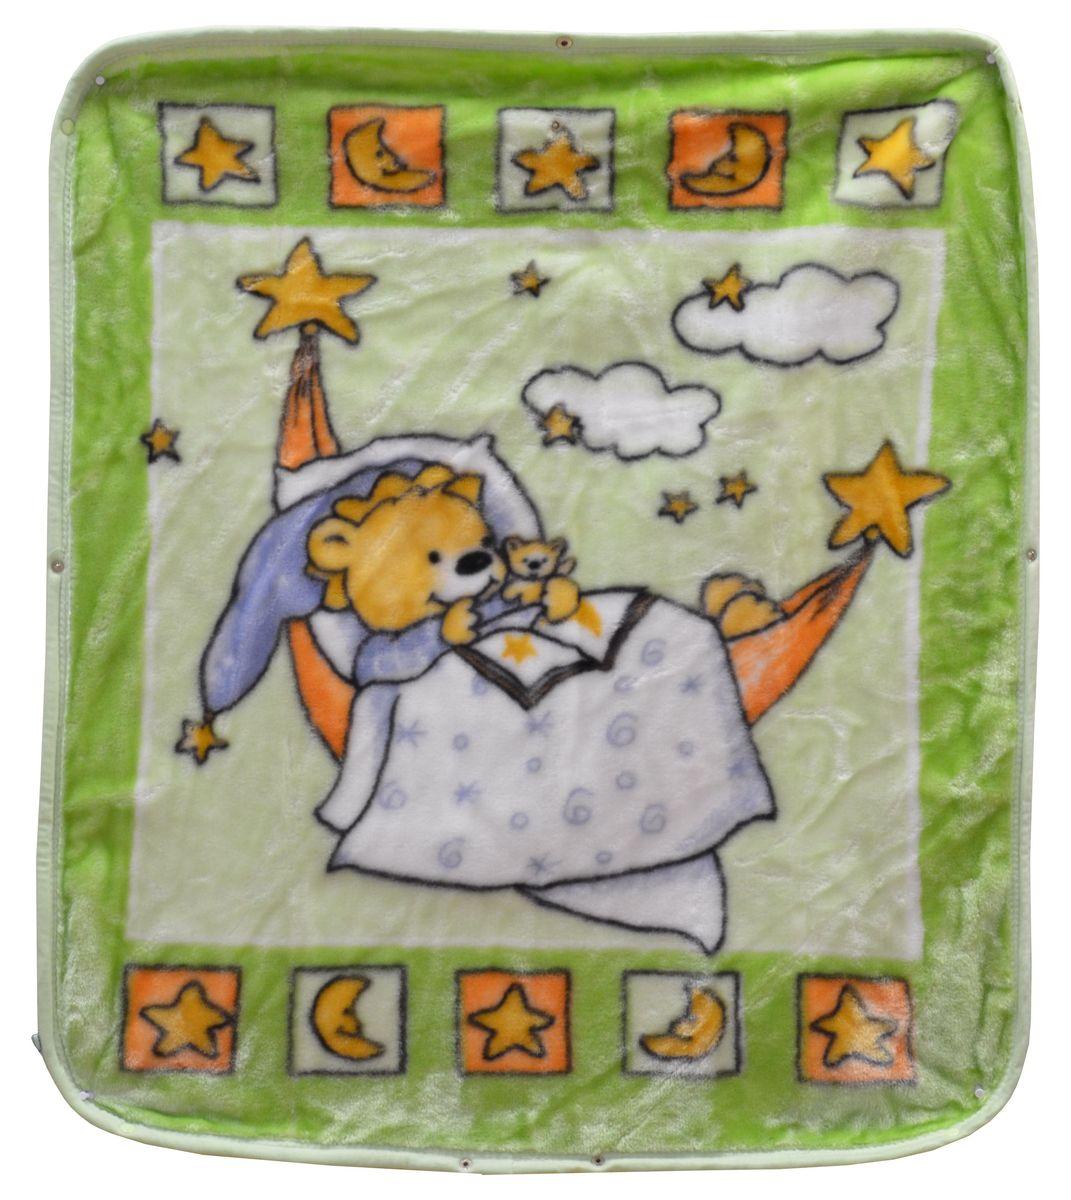 Bonne Fee Плед детский Плед-накидка для младенцев на молнии, 80 х 90 см, зеленыйОНДК/300-зел3Защита, тепло и комфорт для малышей - использован надёжный, качественный и мягкий материал! Удобство и спокойствие для родителей обеспечивается универсальностью пледа-накидки, конструкция которого позволяет ему легко превращаться в конвертик. Отличное качество и практичность! Любите своего ребёнка и дарите ему лучшее!